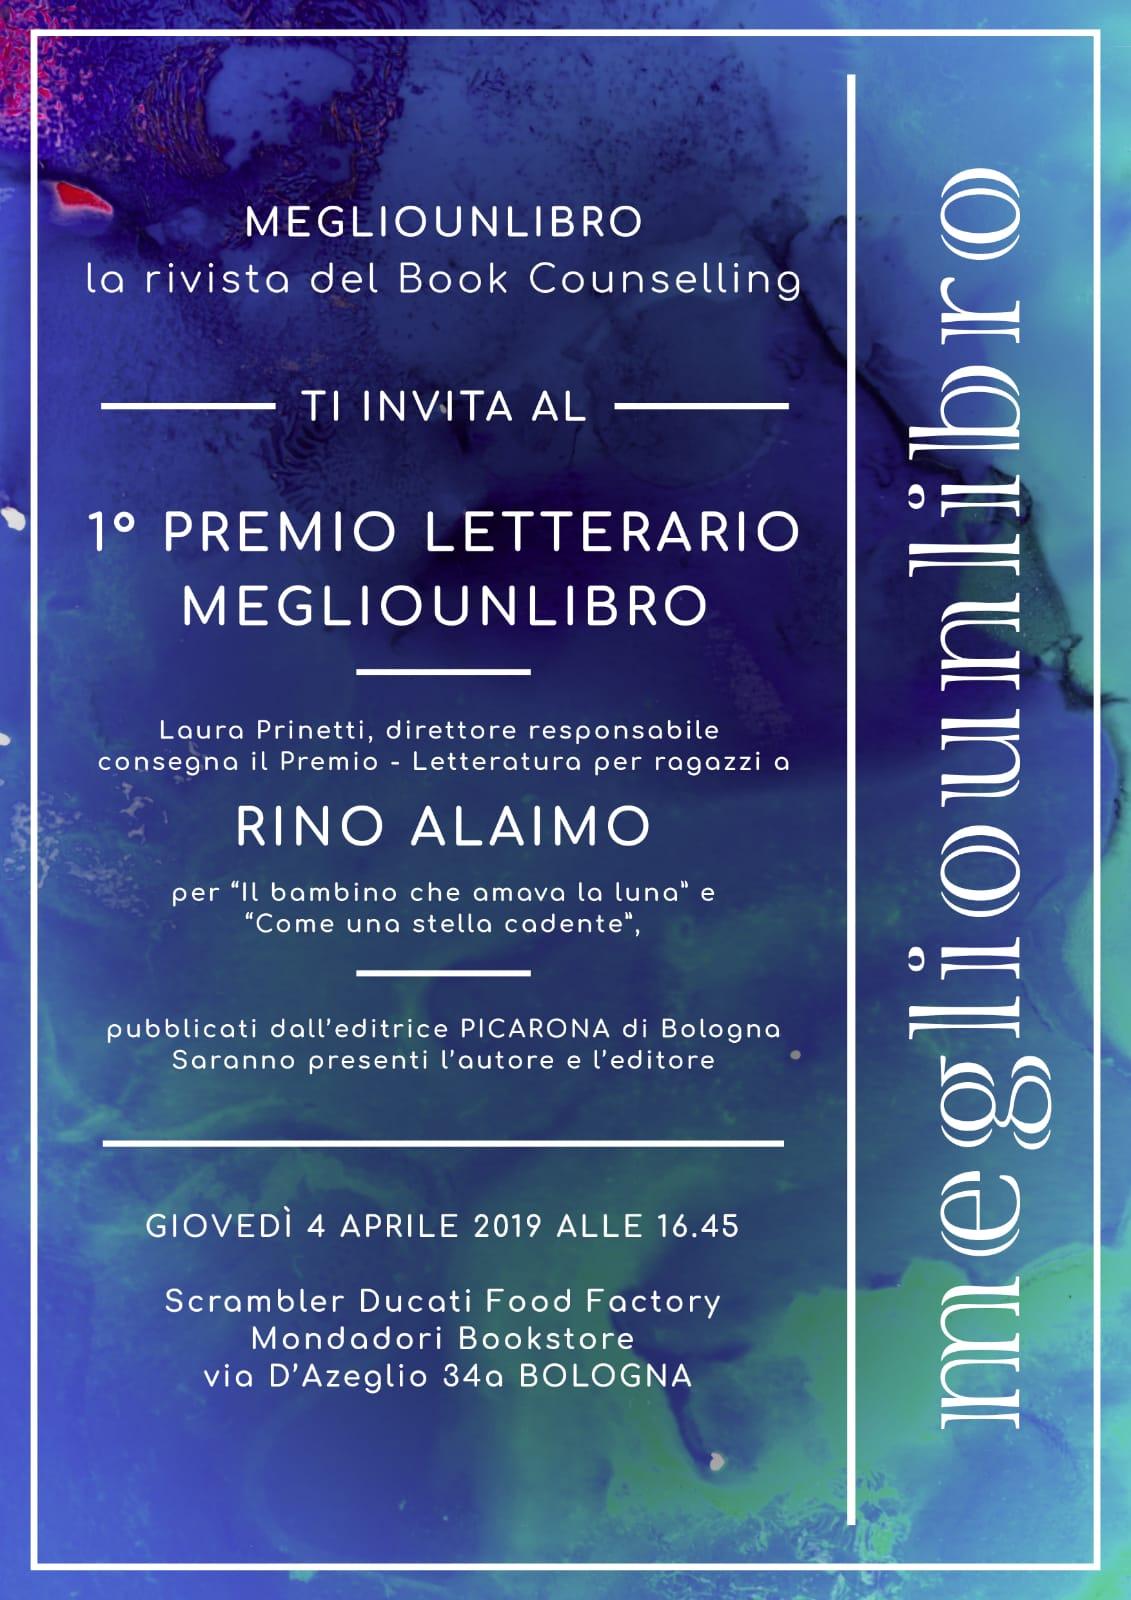 Megliounlibro - premio a Rino Alaimo 2019